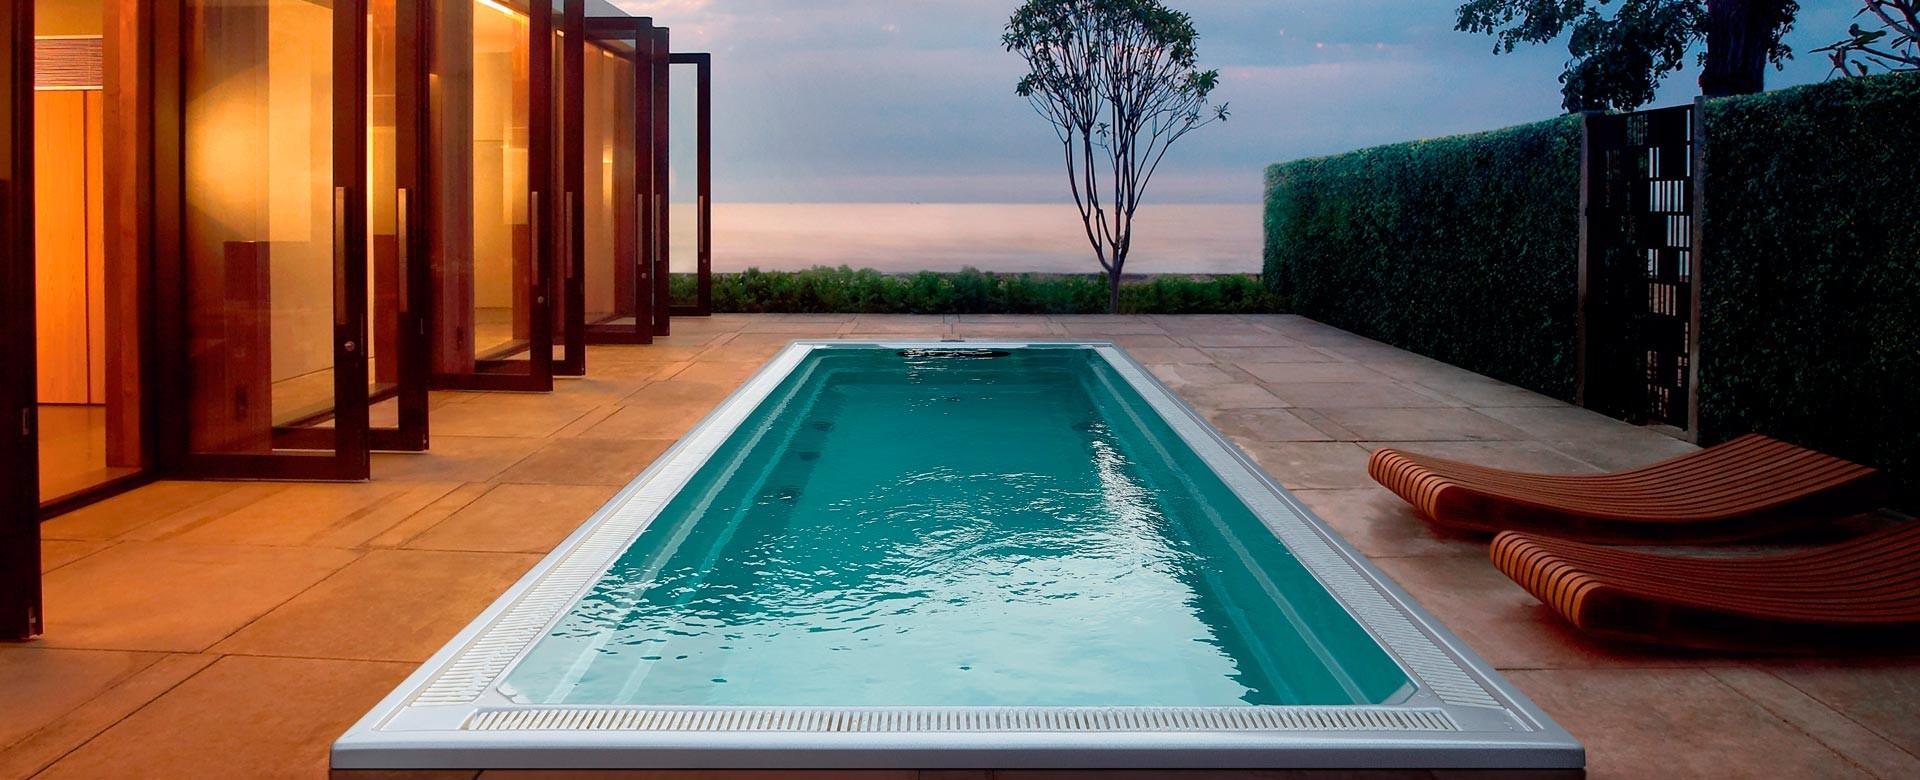 Piscines et spas de nage